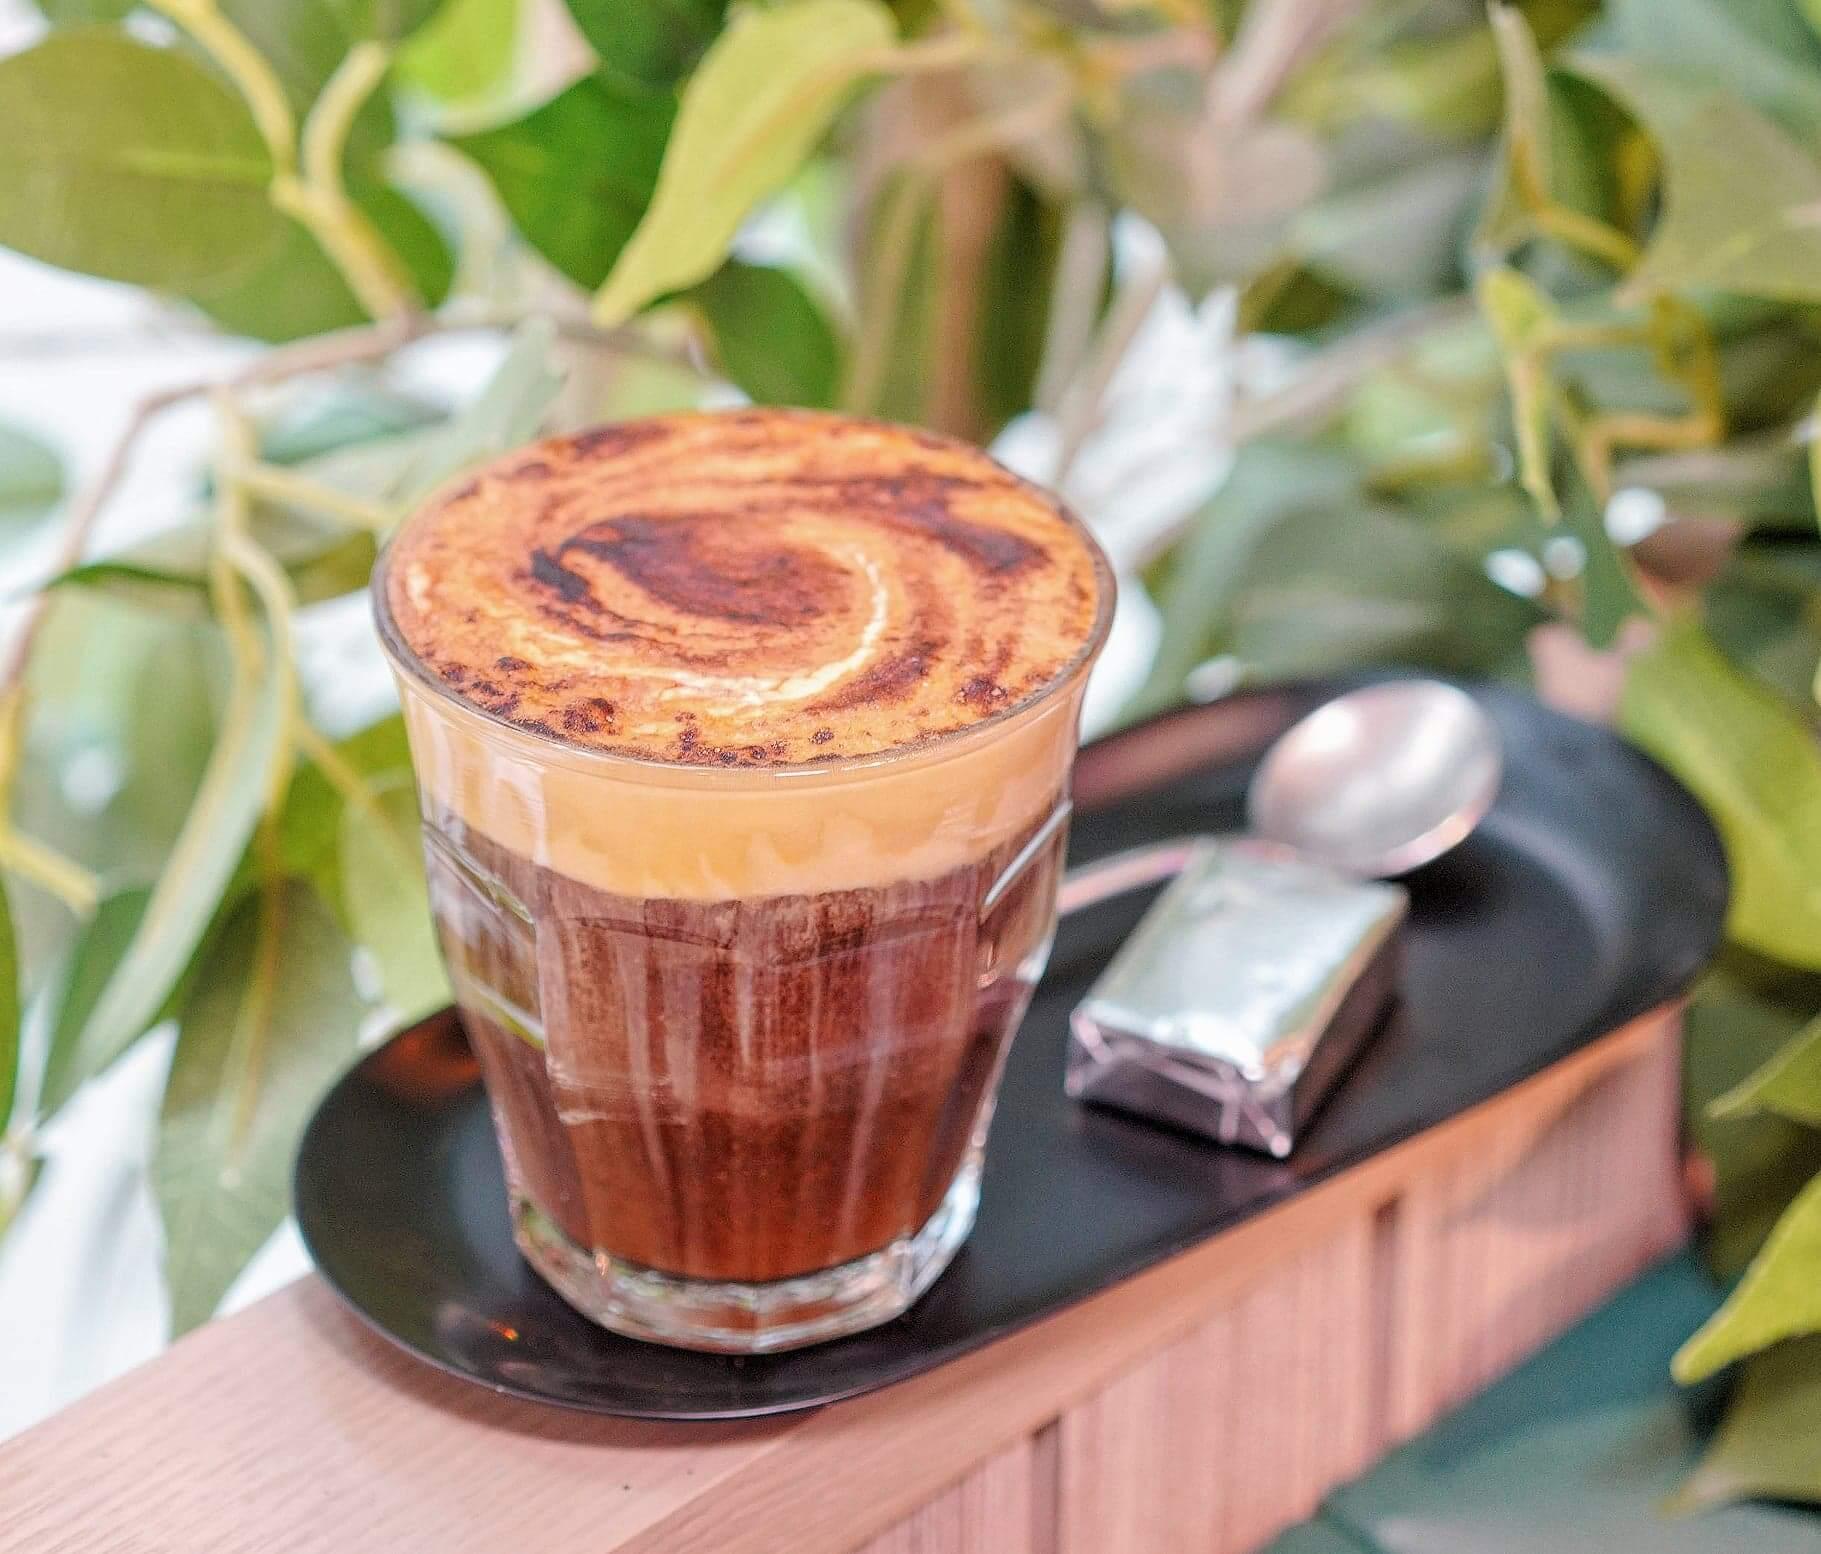 越式蛋咖啡 HK$28